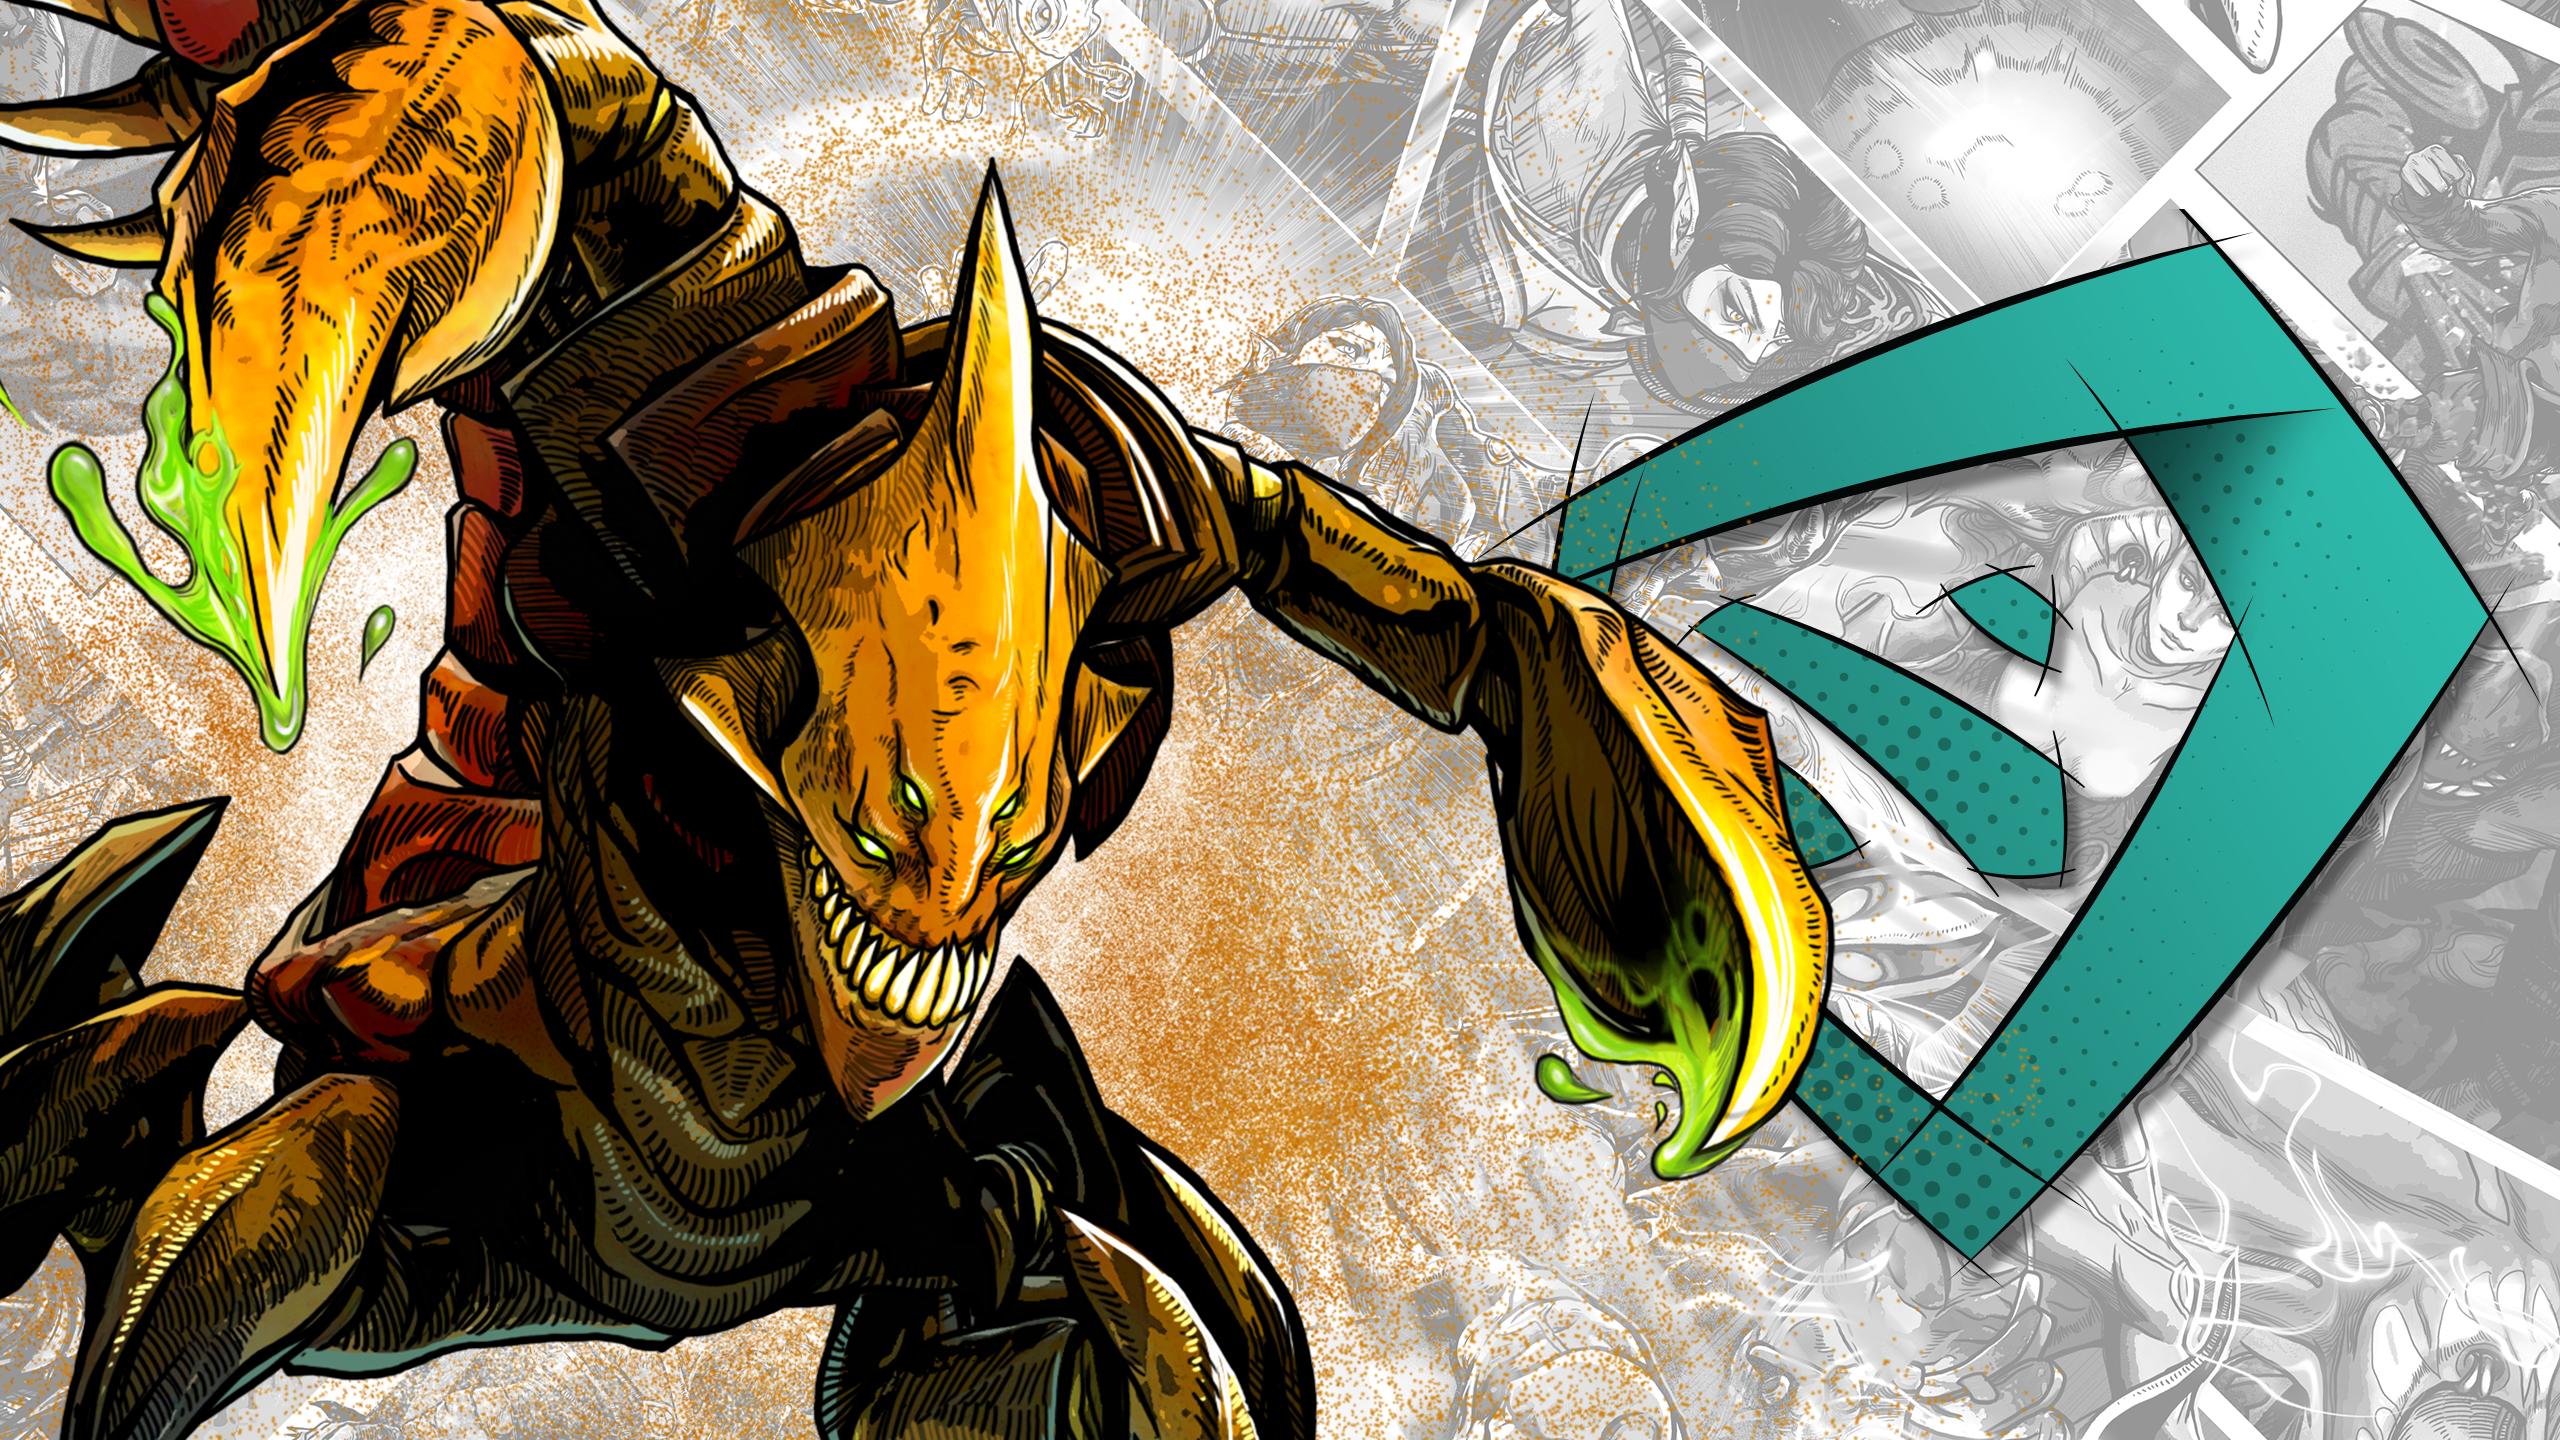 Videogame Dota 2 Dota Defense Of The Ancients Sand King Hd